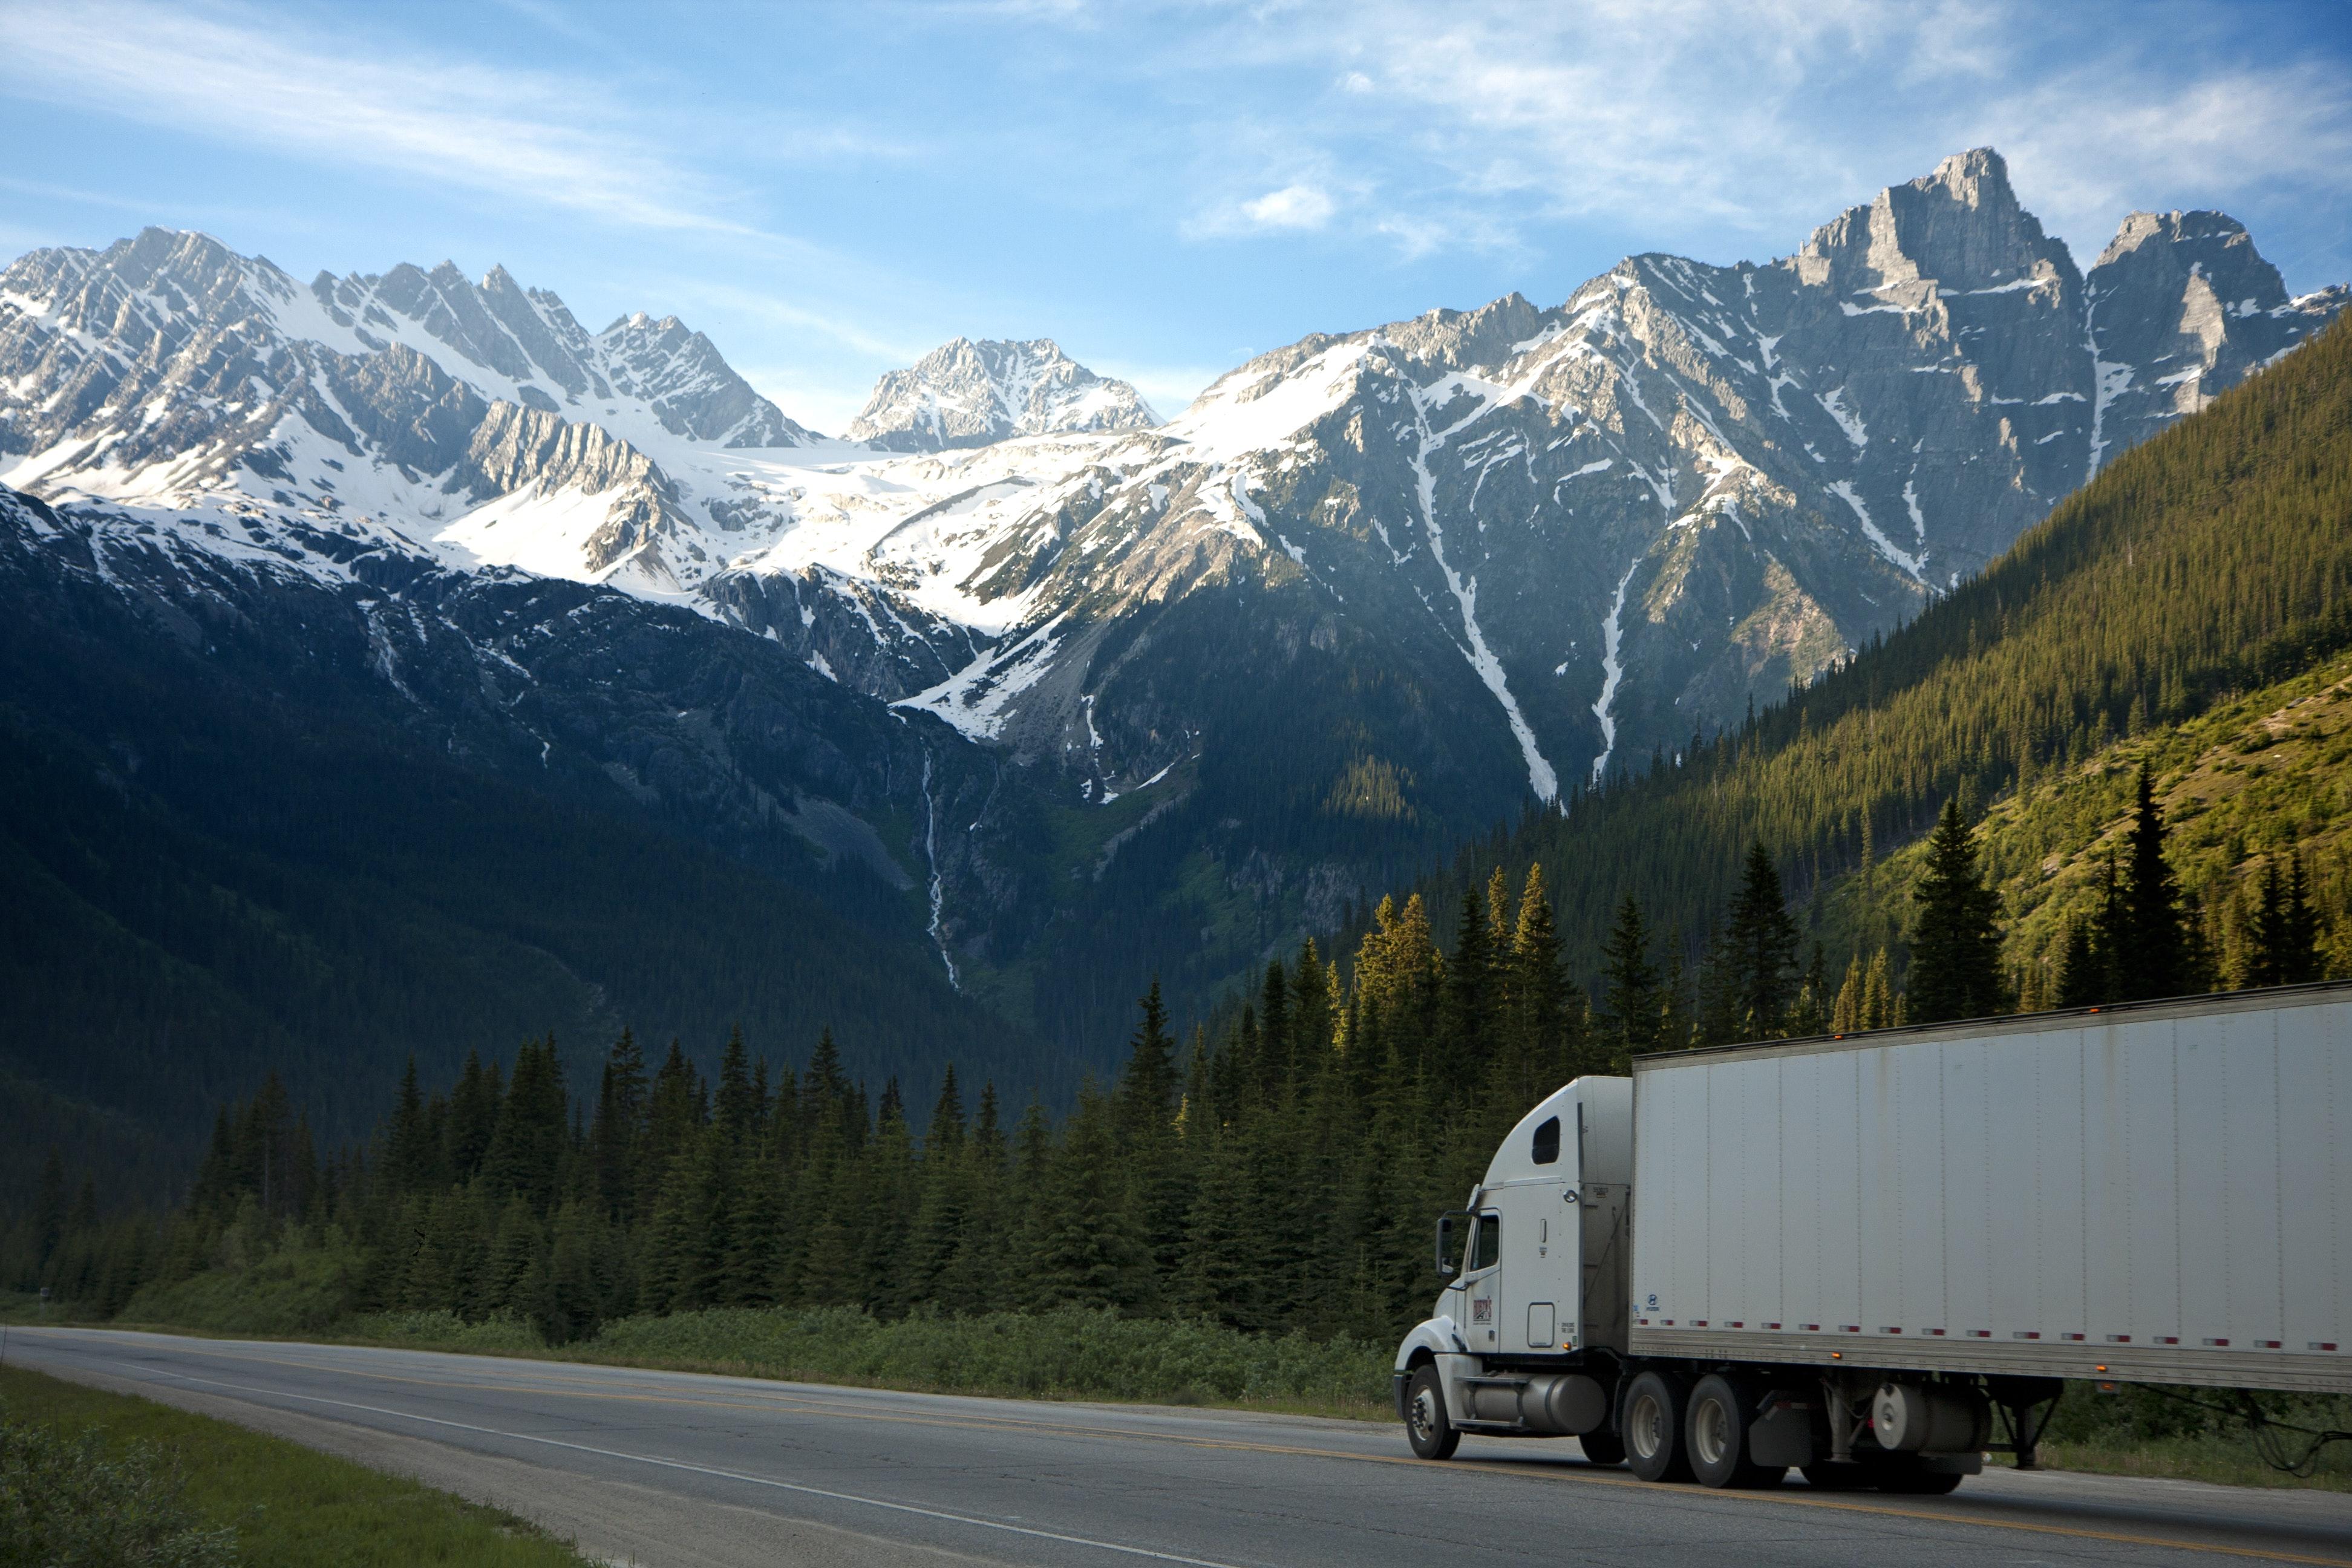 Zboží se přepravuje rychle a bezpečně